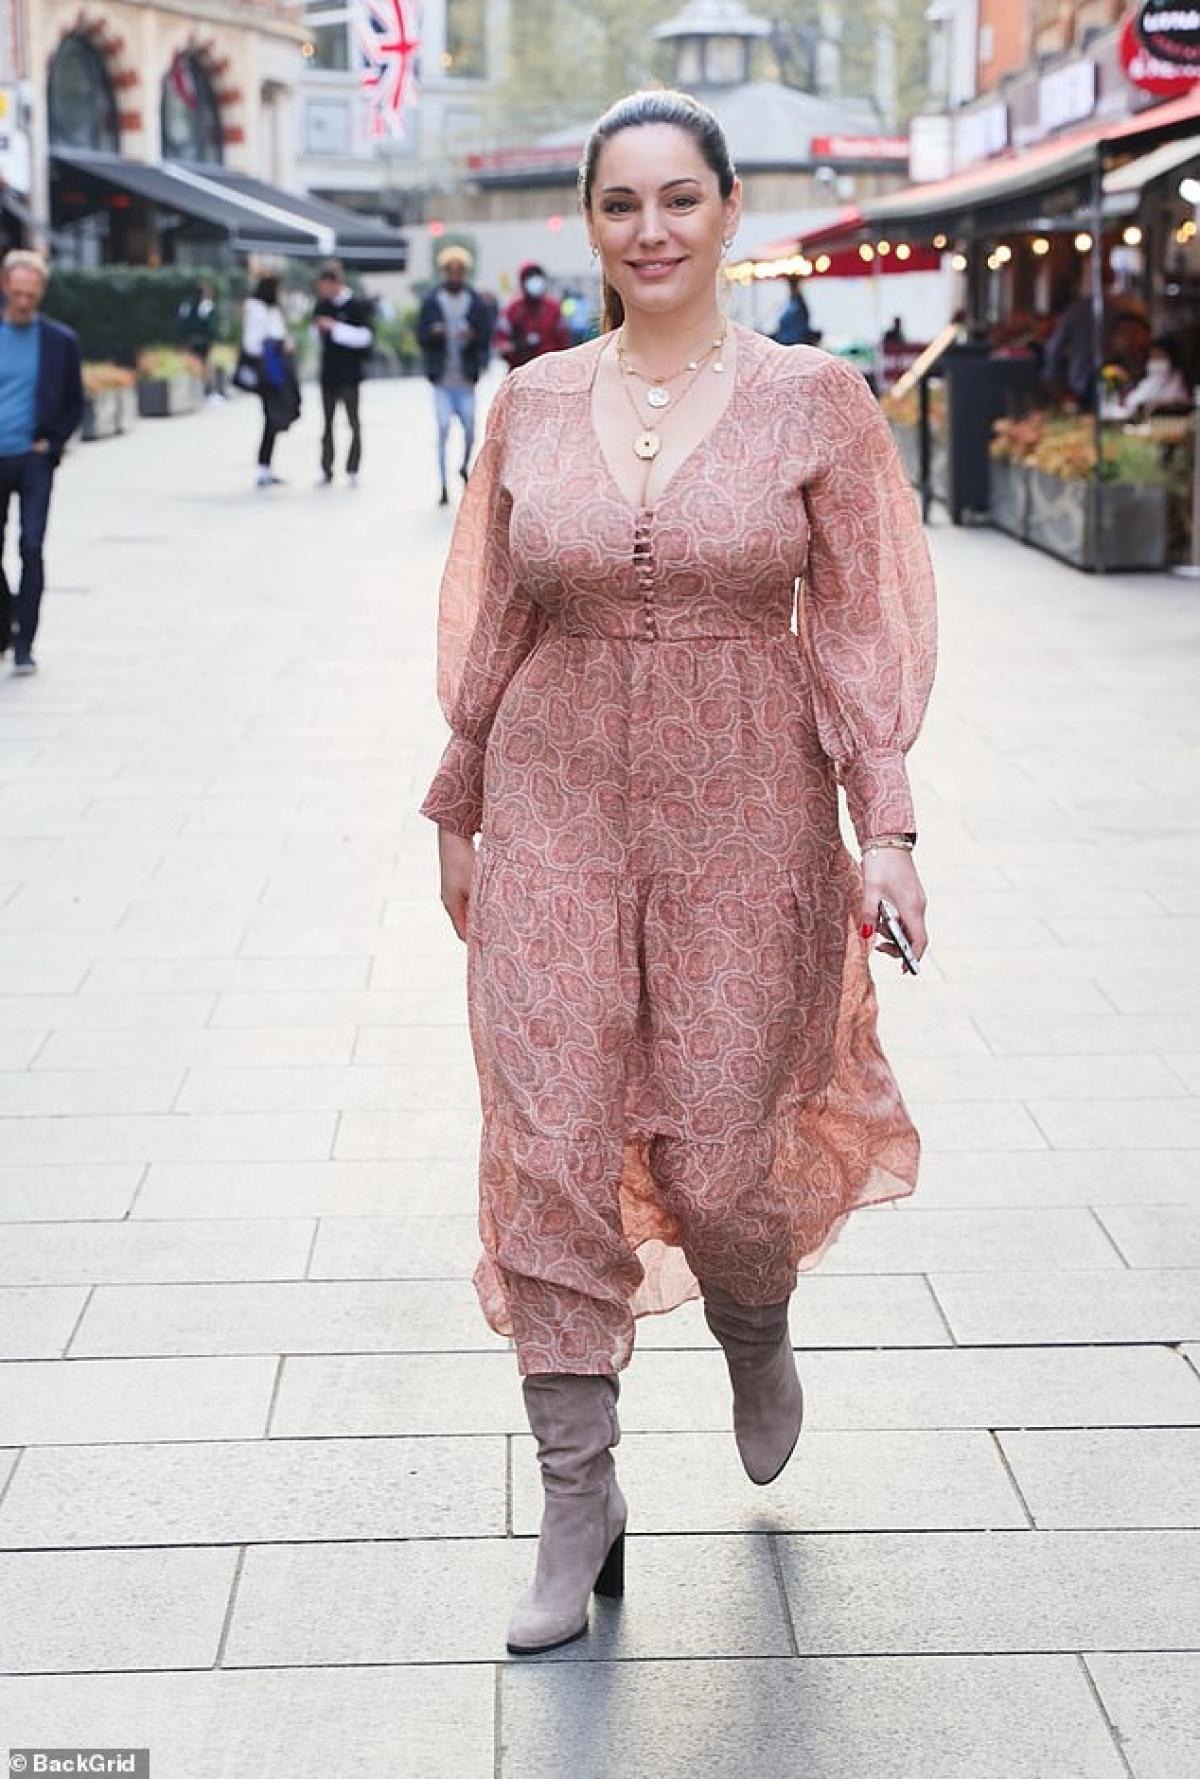 Cựu người mẫu diện đầm họa tiết điệu đà ra phố.